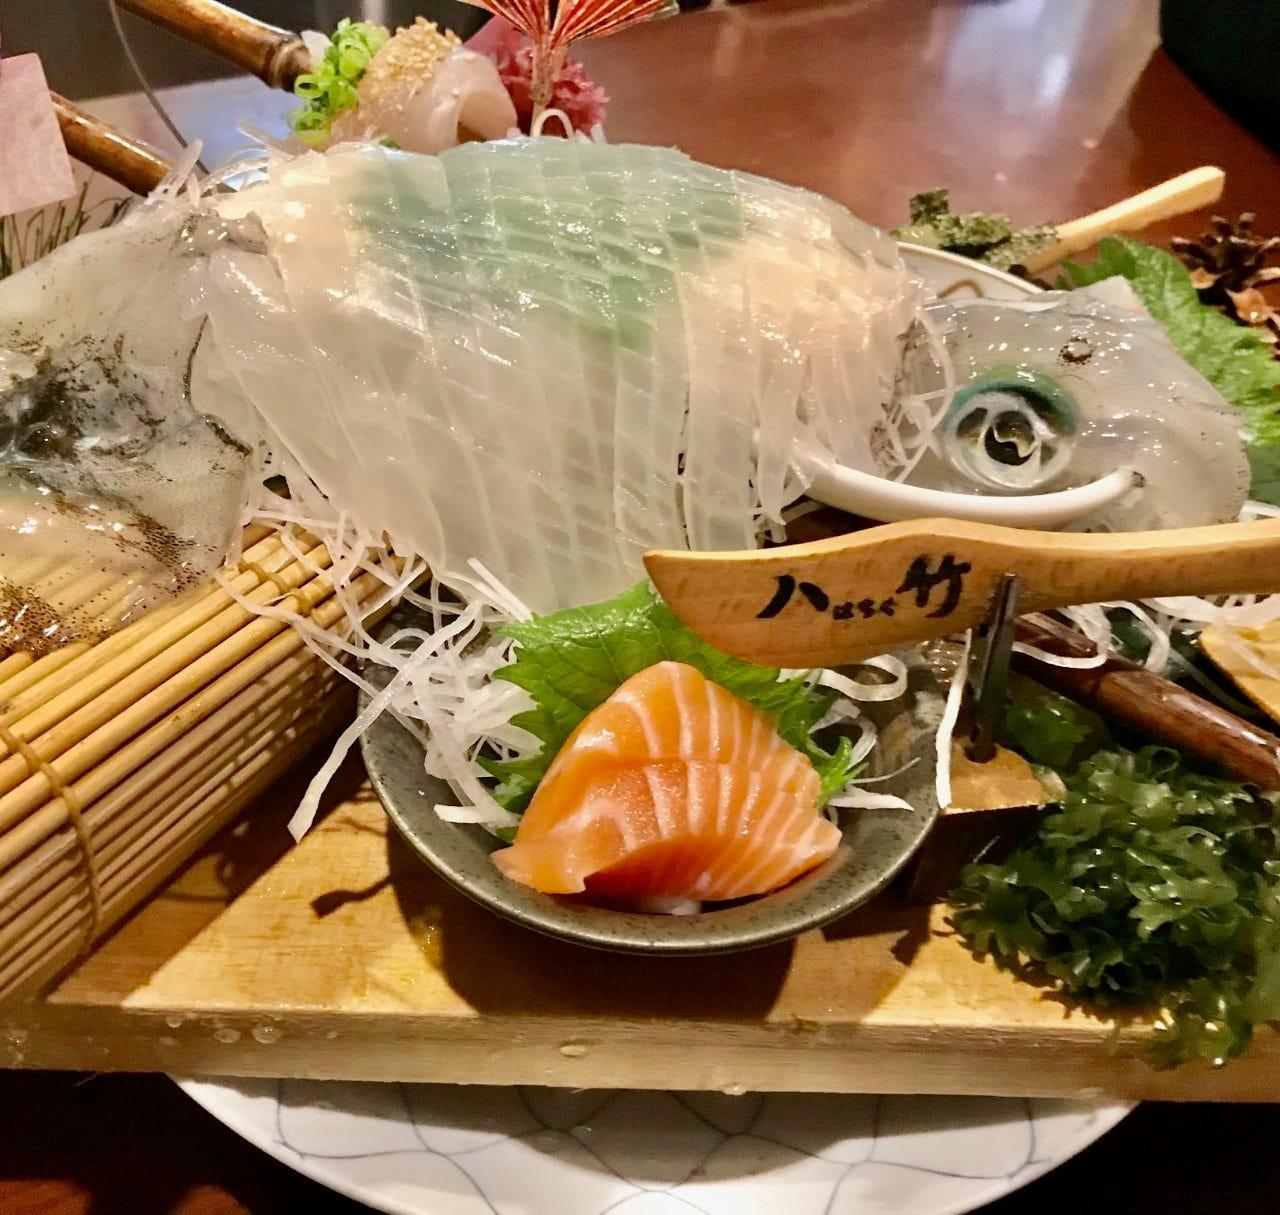 居酒屋 八竹 西鉄久留米店のイメージ写真